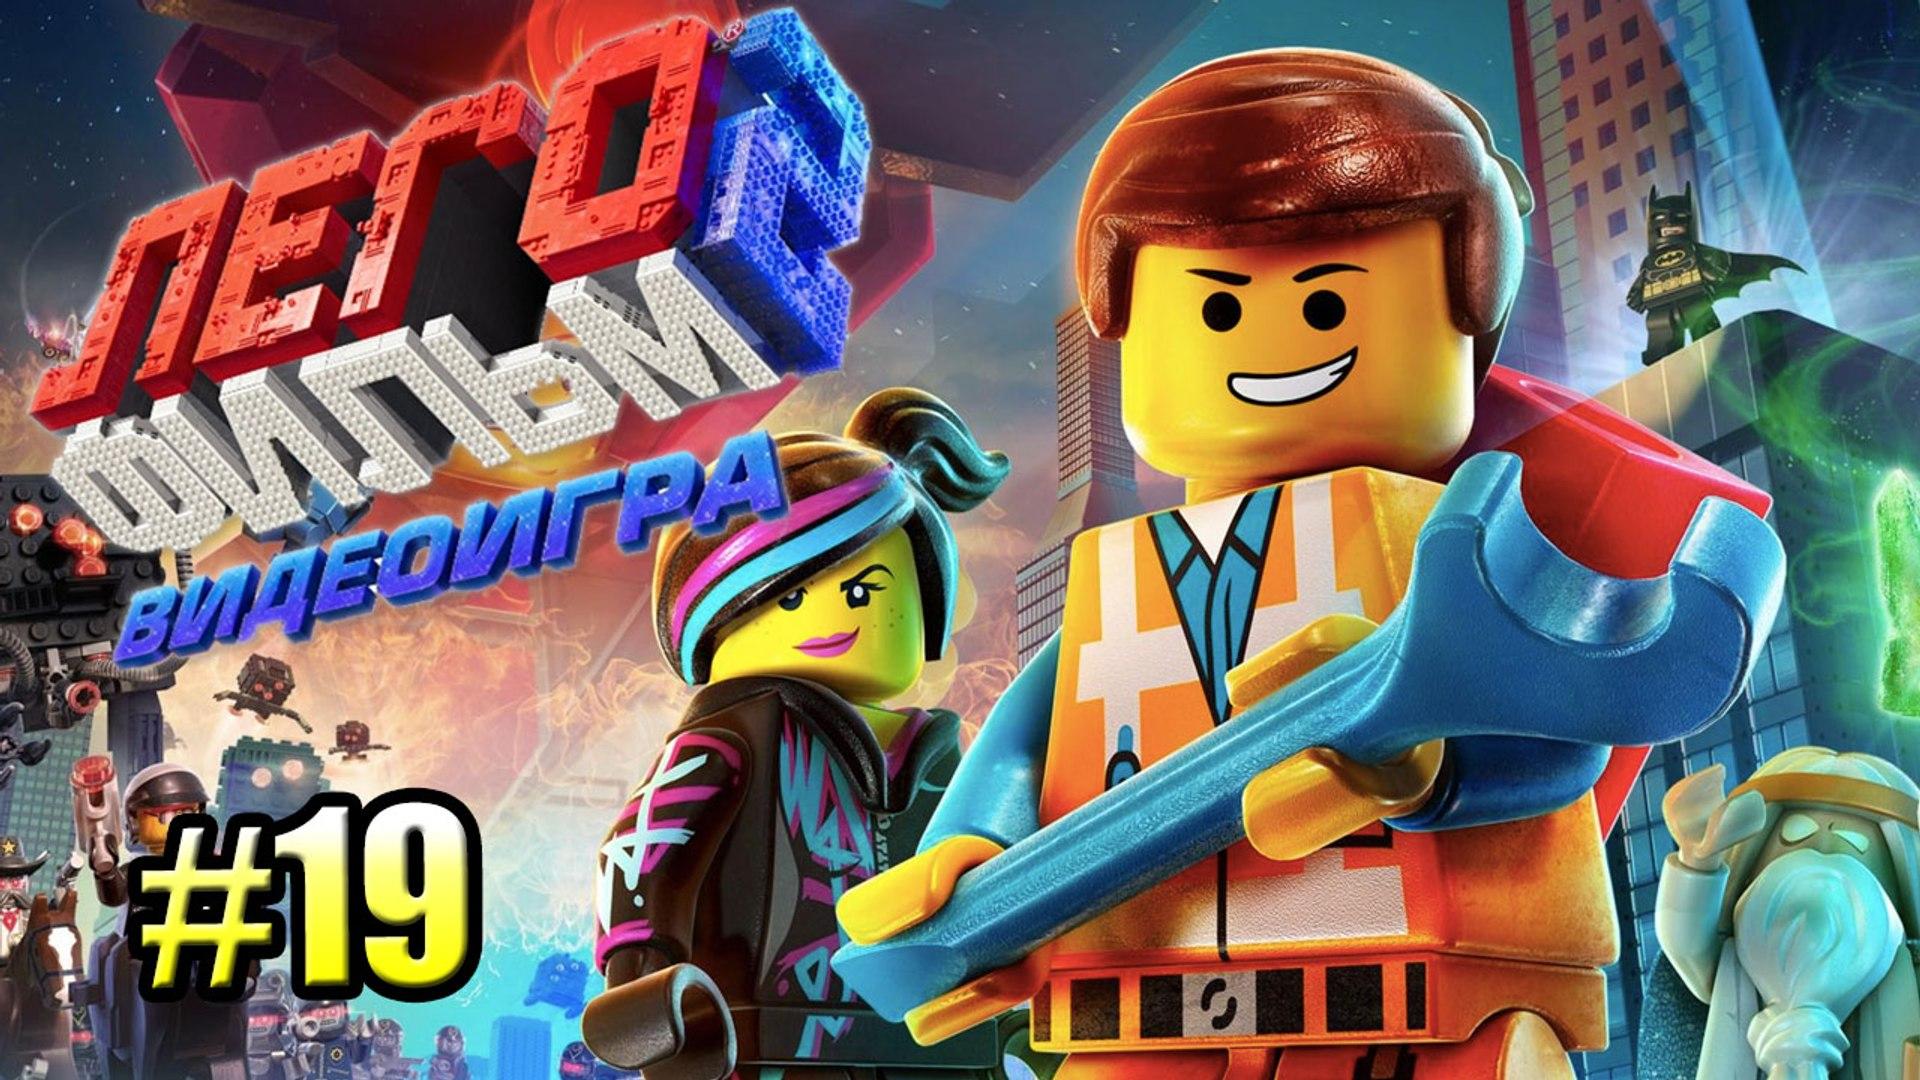 The LEGO Movie 2 Videogame прохождение #19 на русском {PC} Церемония до 100%